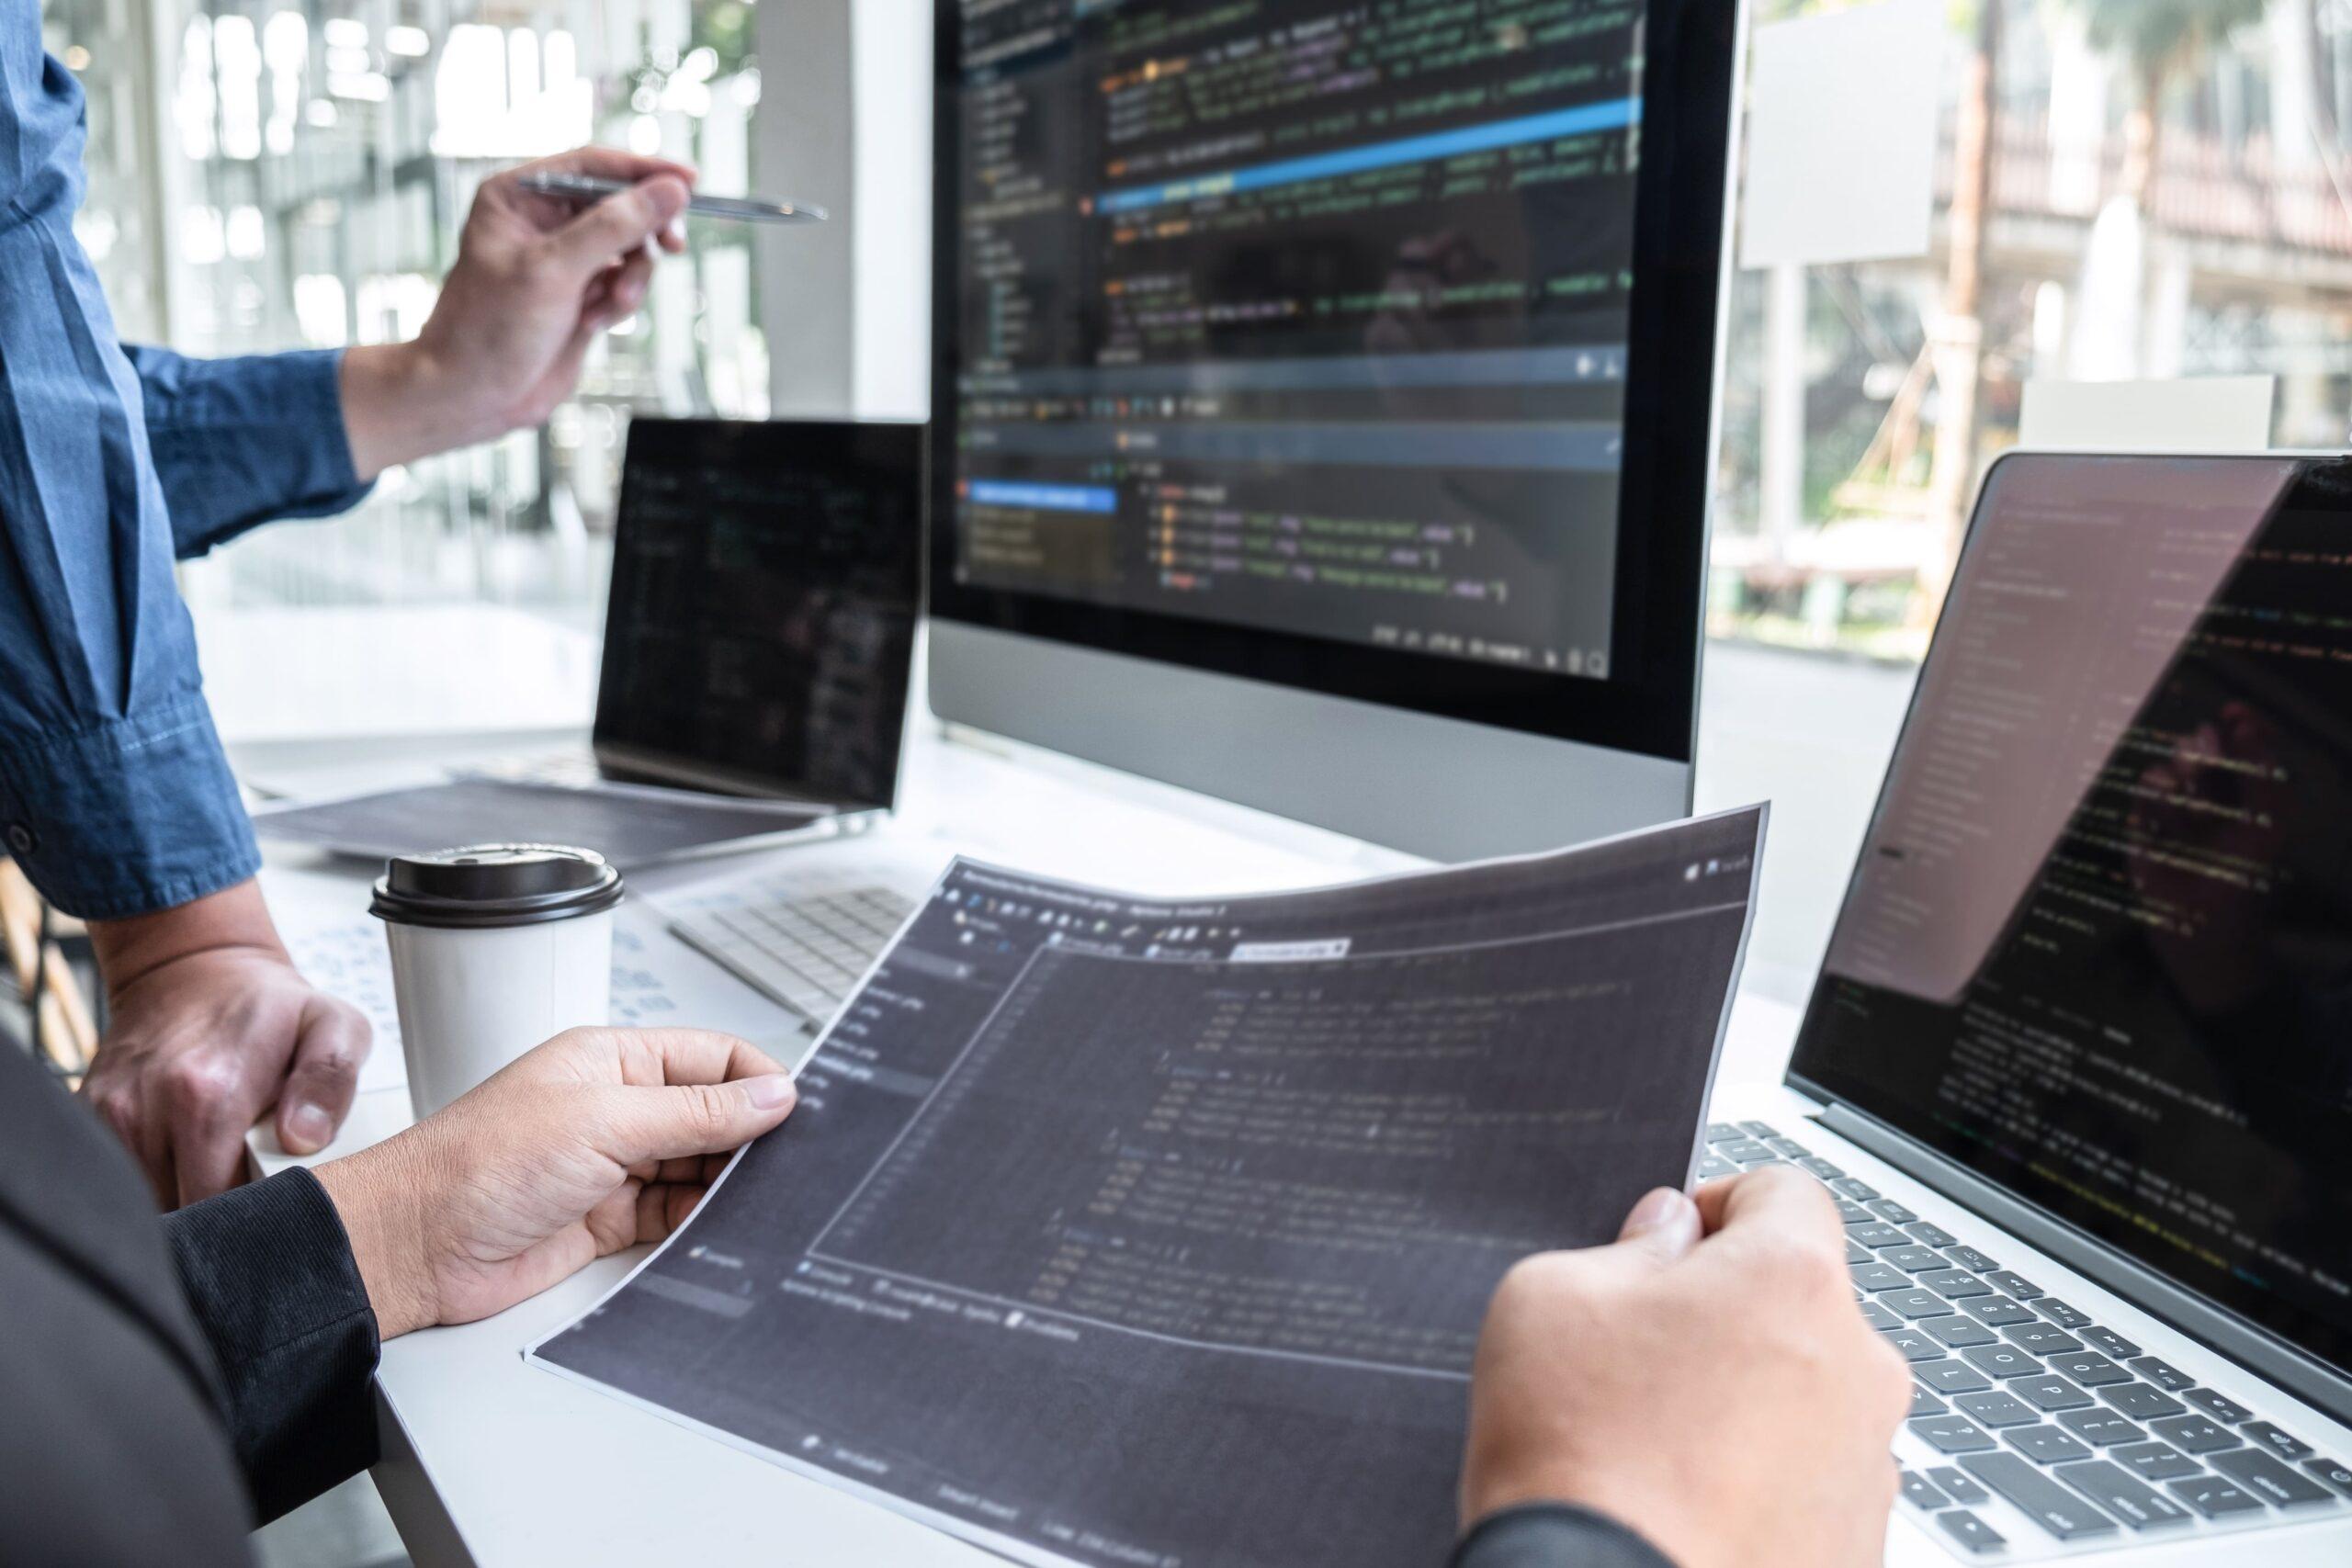 team-of-developer-programmer-working-on-project-in-ZXVSDTR-min